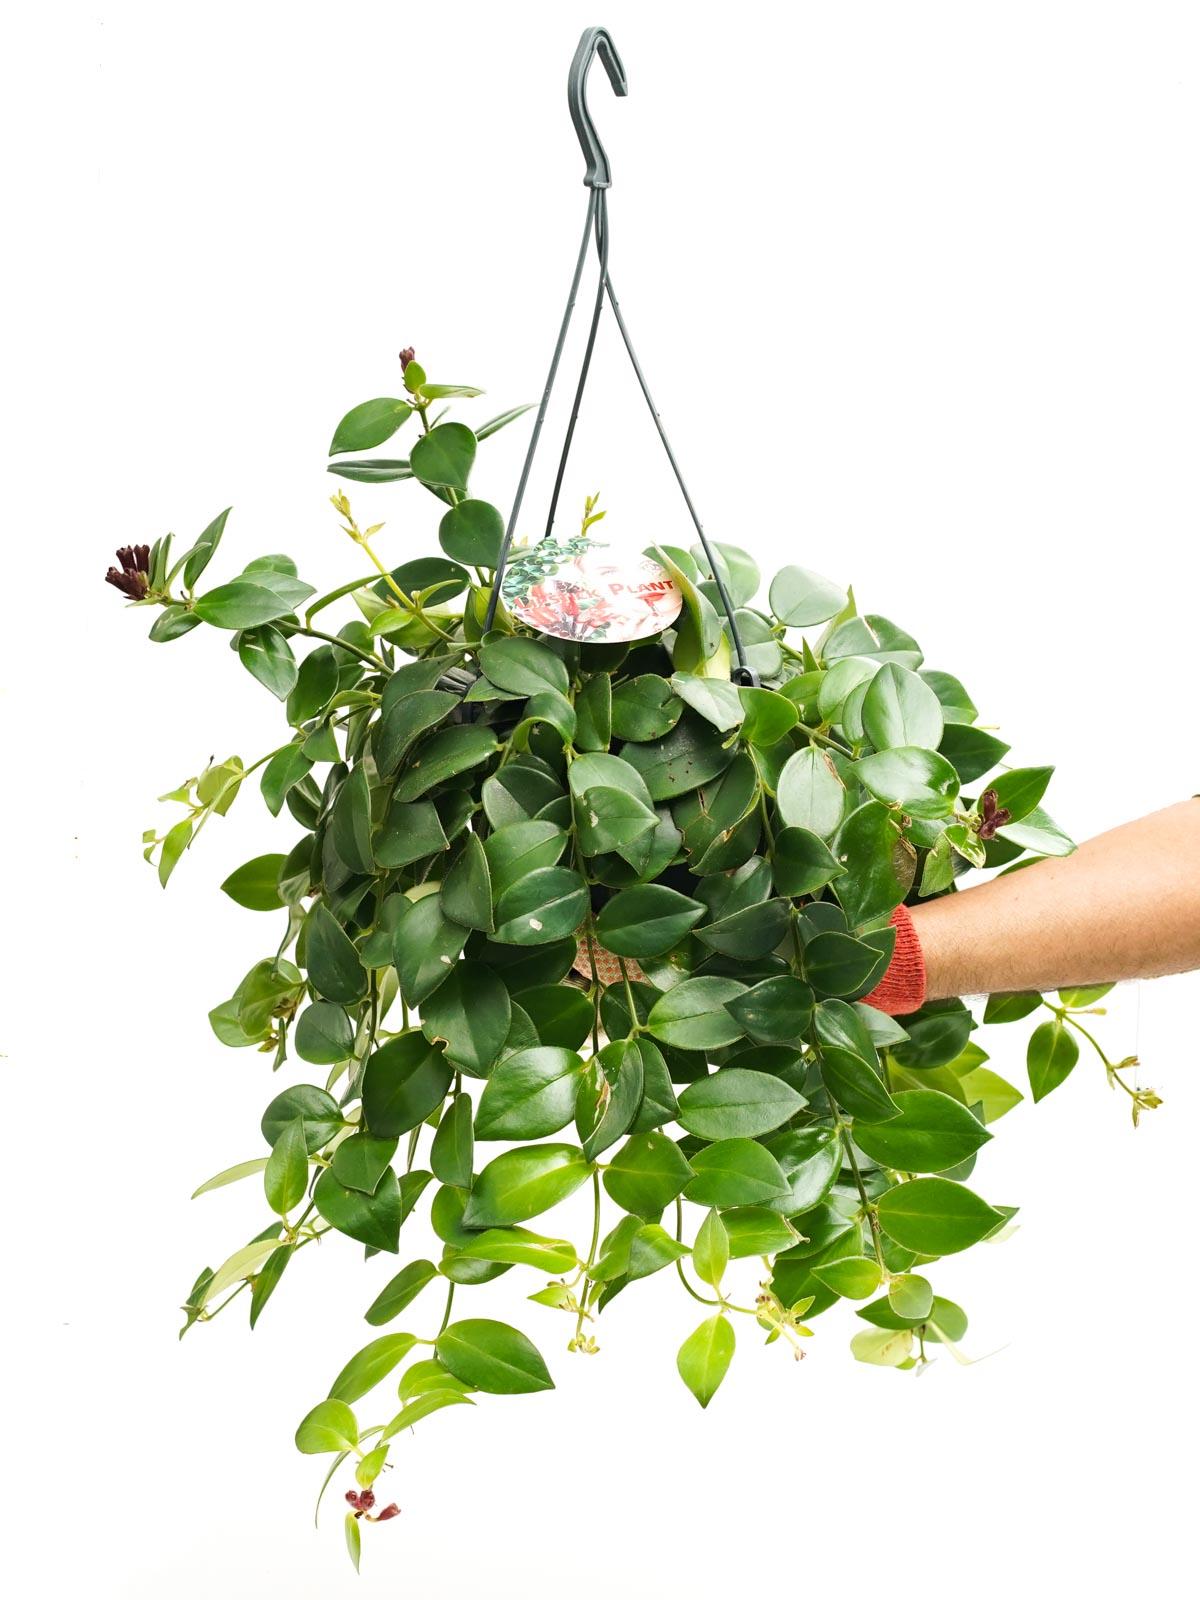 Aeschynanthus MonaLisa 'Indoor Plants Hanging